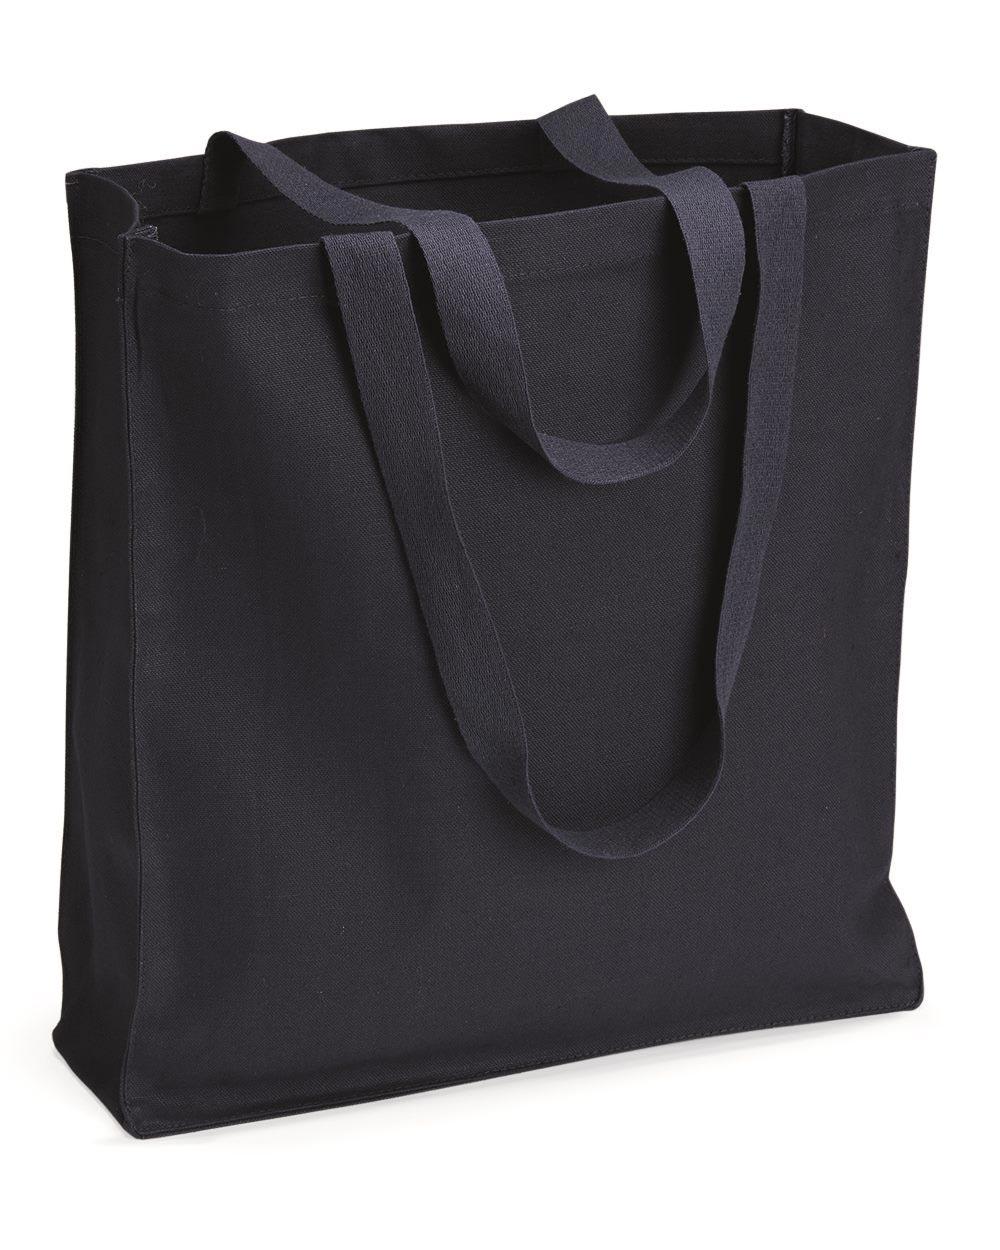 Q-Tees Q125300 - 14L Shopping Bag